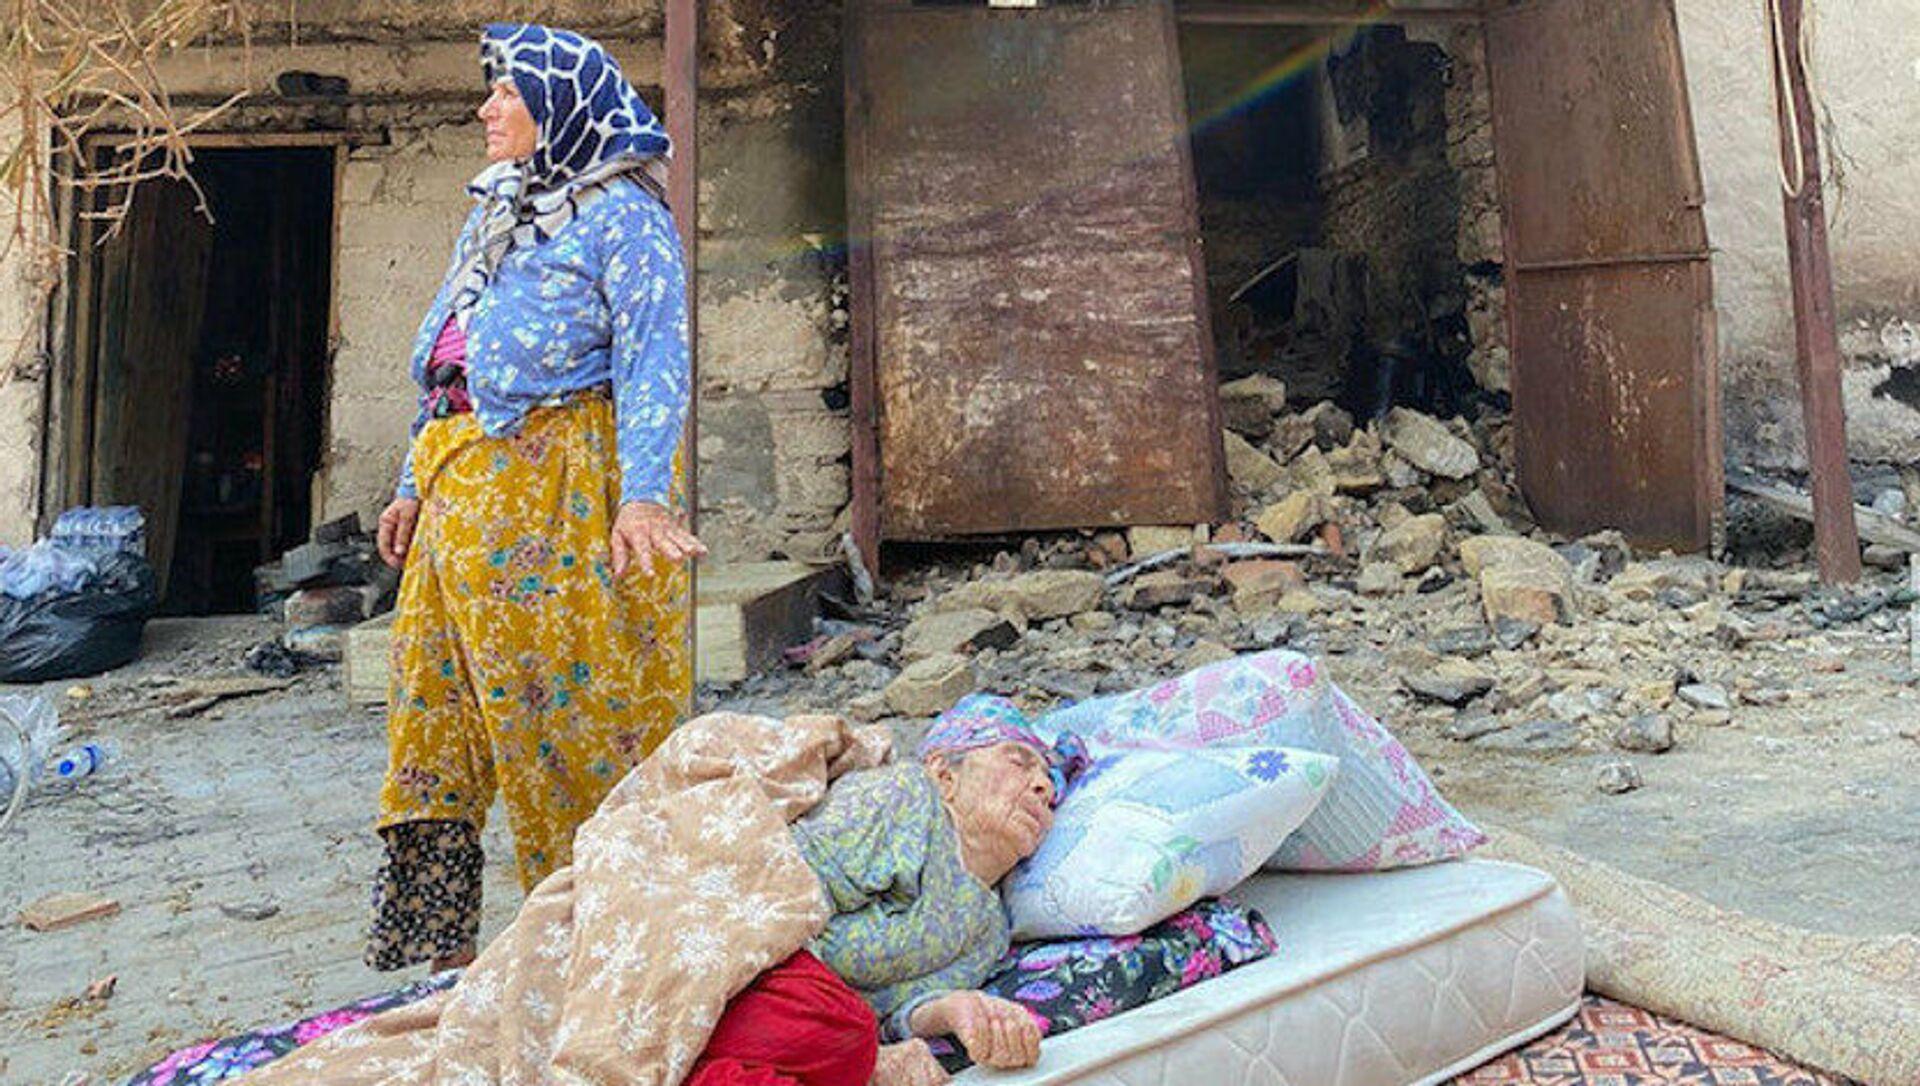 Manavgat'ta evi yanan fotoğraftaki kadının kızı: Annem alzheimer hastası, evinin yandığından haberi yok - Sputnik Türkiye, 1920, 03.08.2021